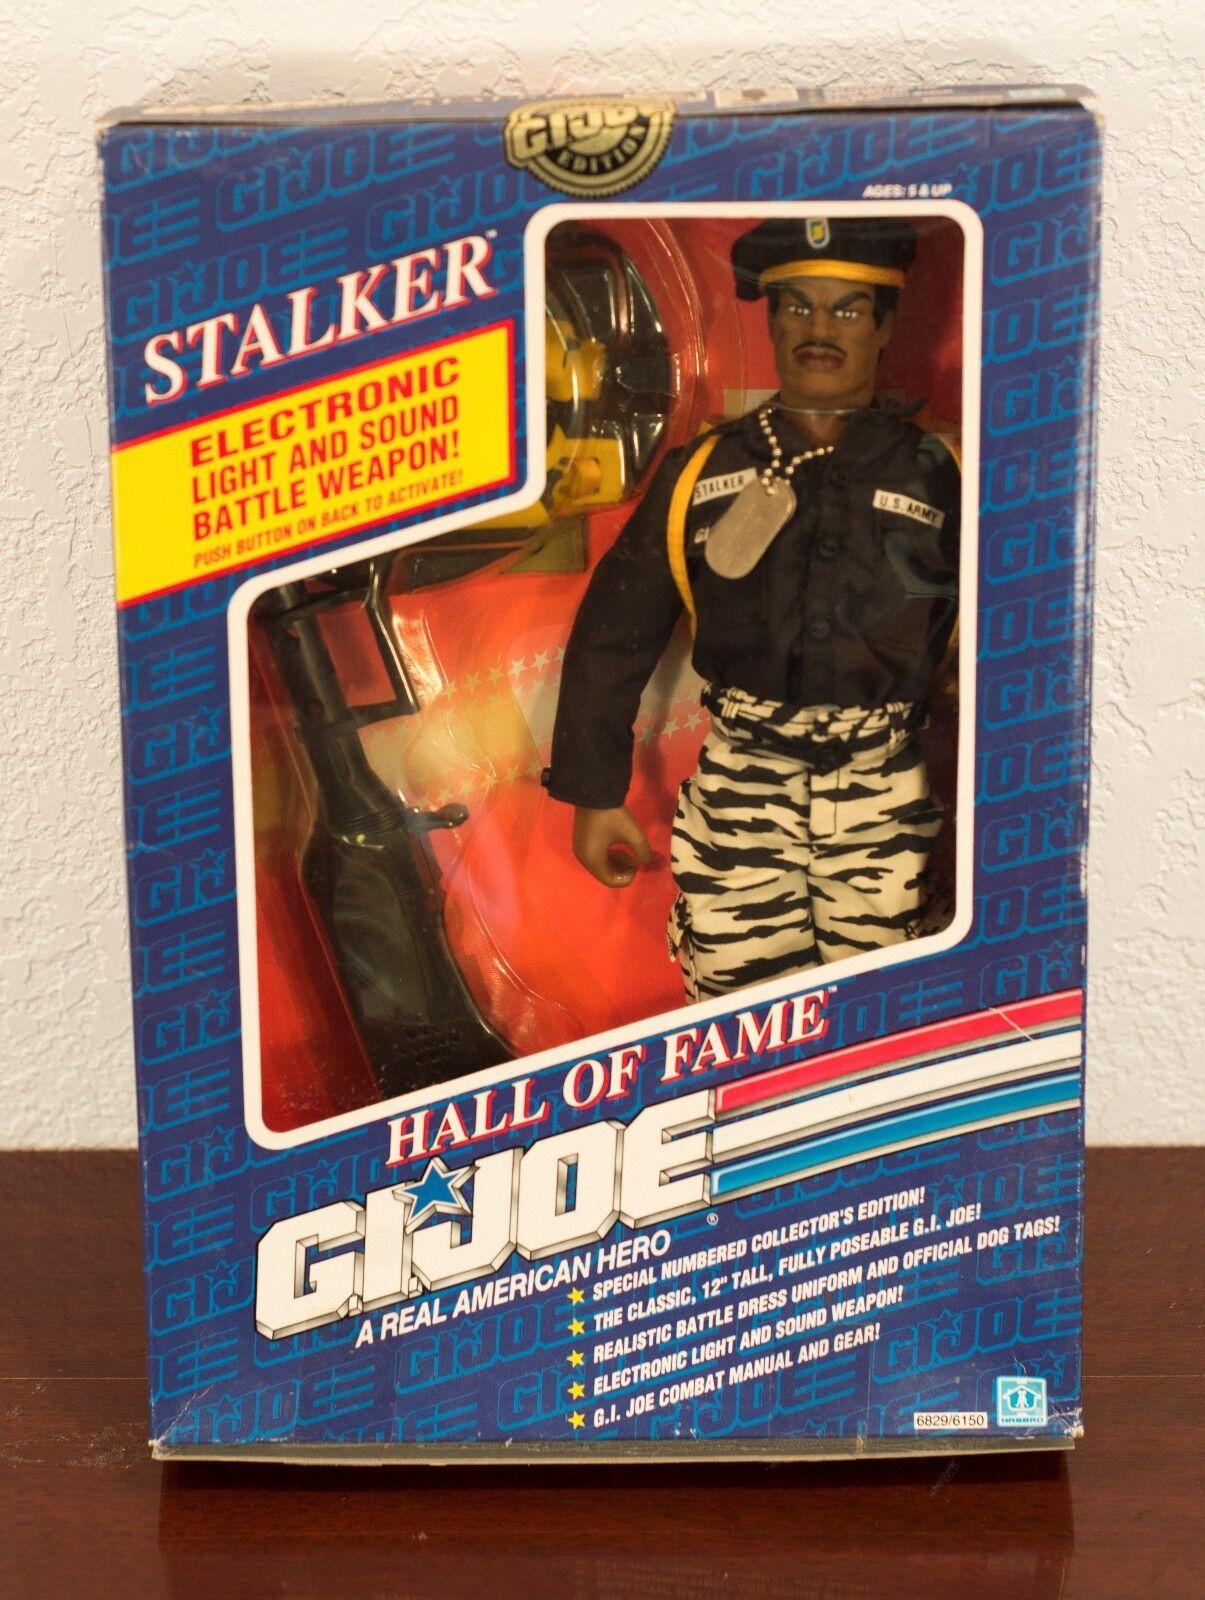 1991 Gi Joe Hall of Fame Stalker Figura de Acción Sin Usar, En Caja